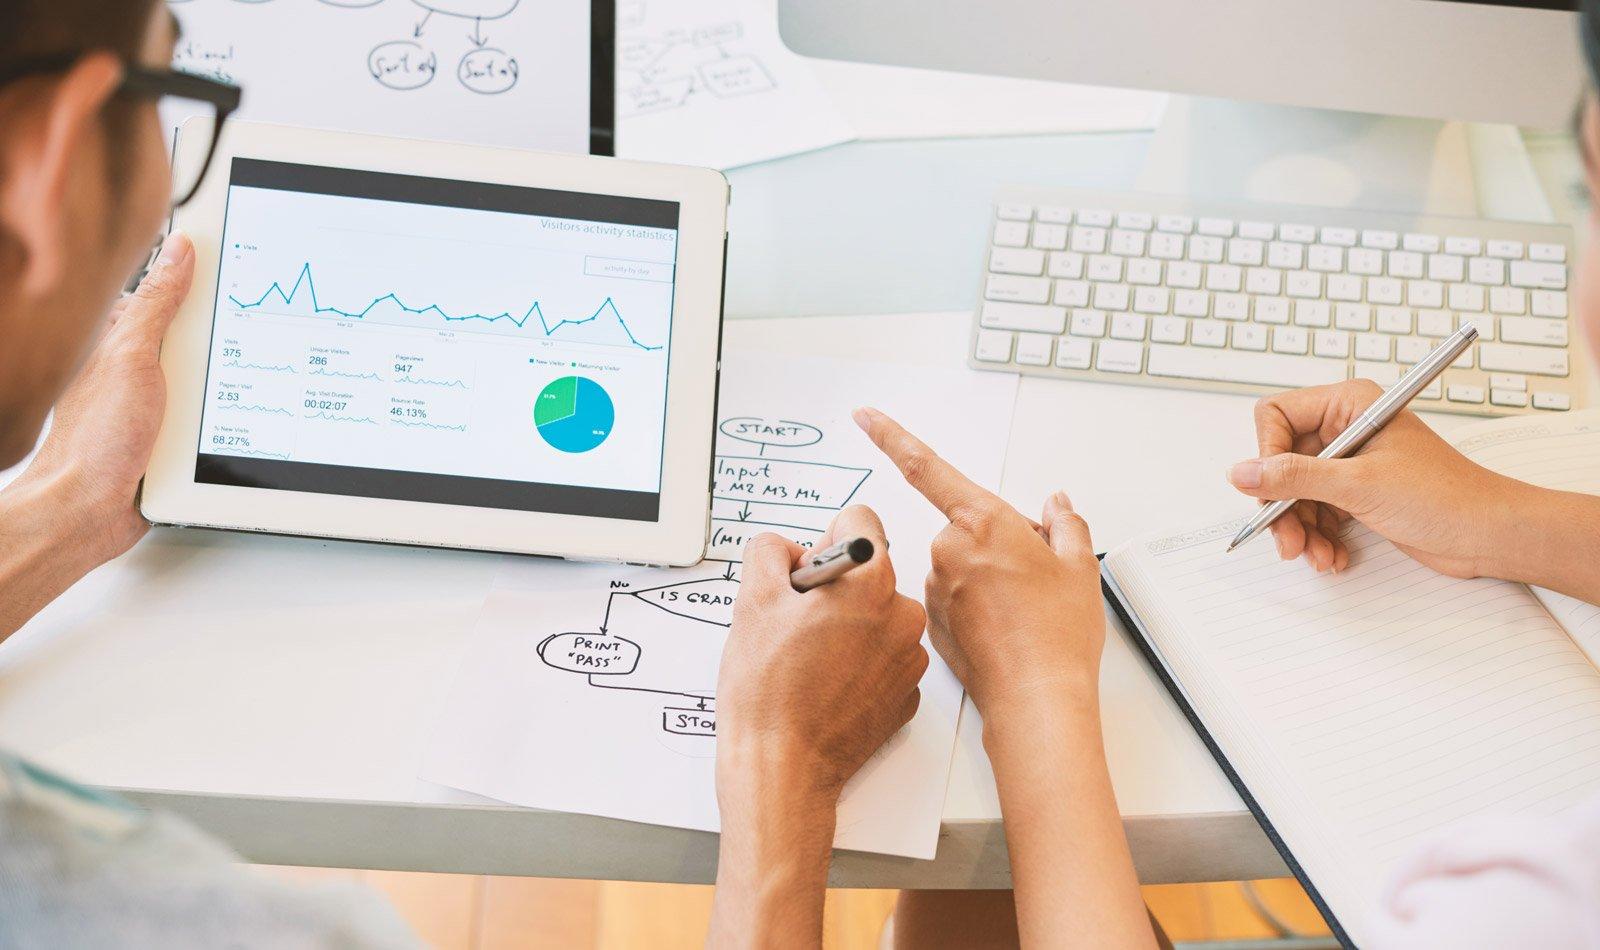 Un partner TI debe tener impacto digital